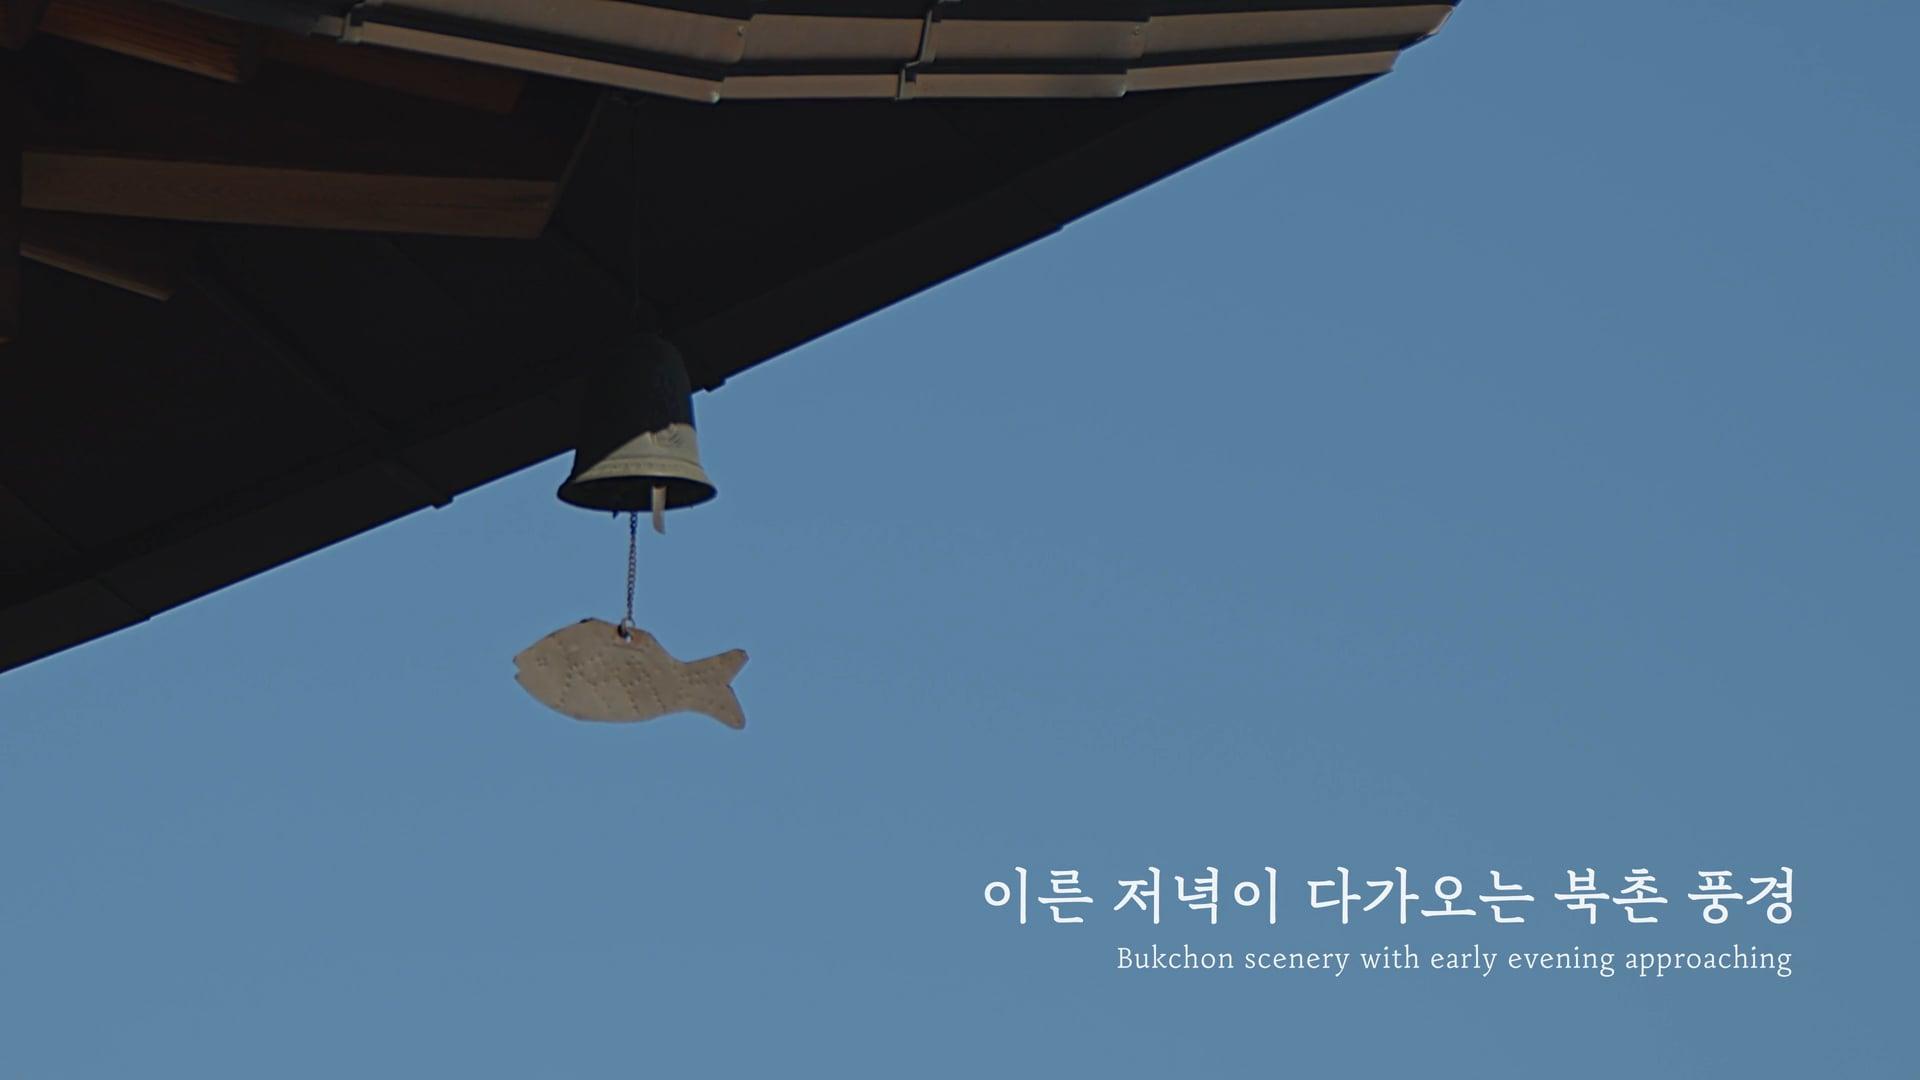 북촌 홍보영상 '이른 저녁을 보내는 방식'